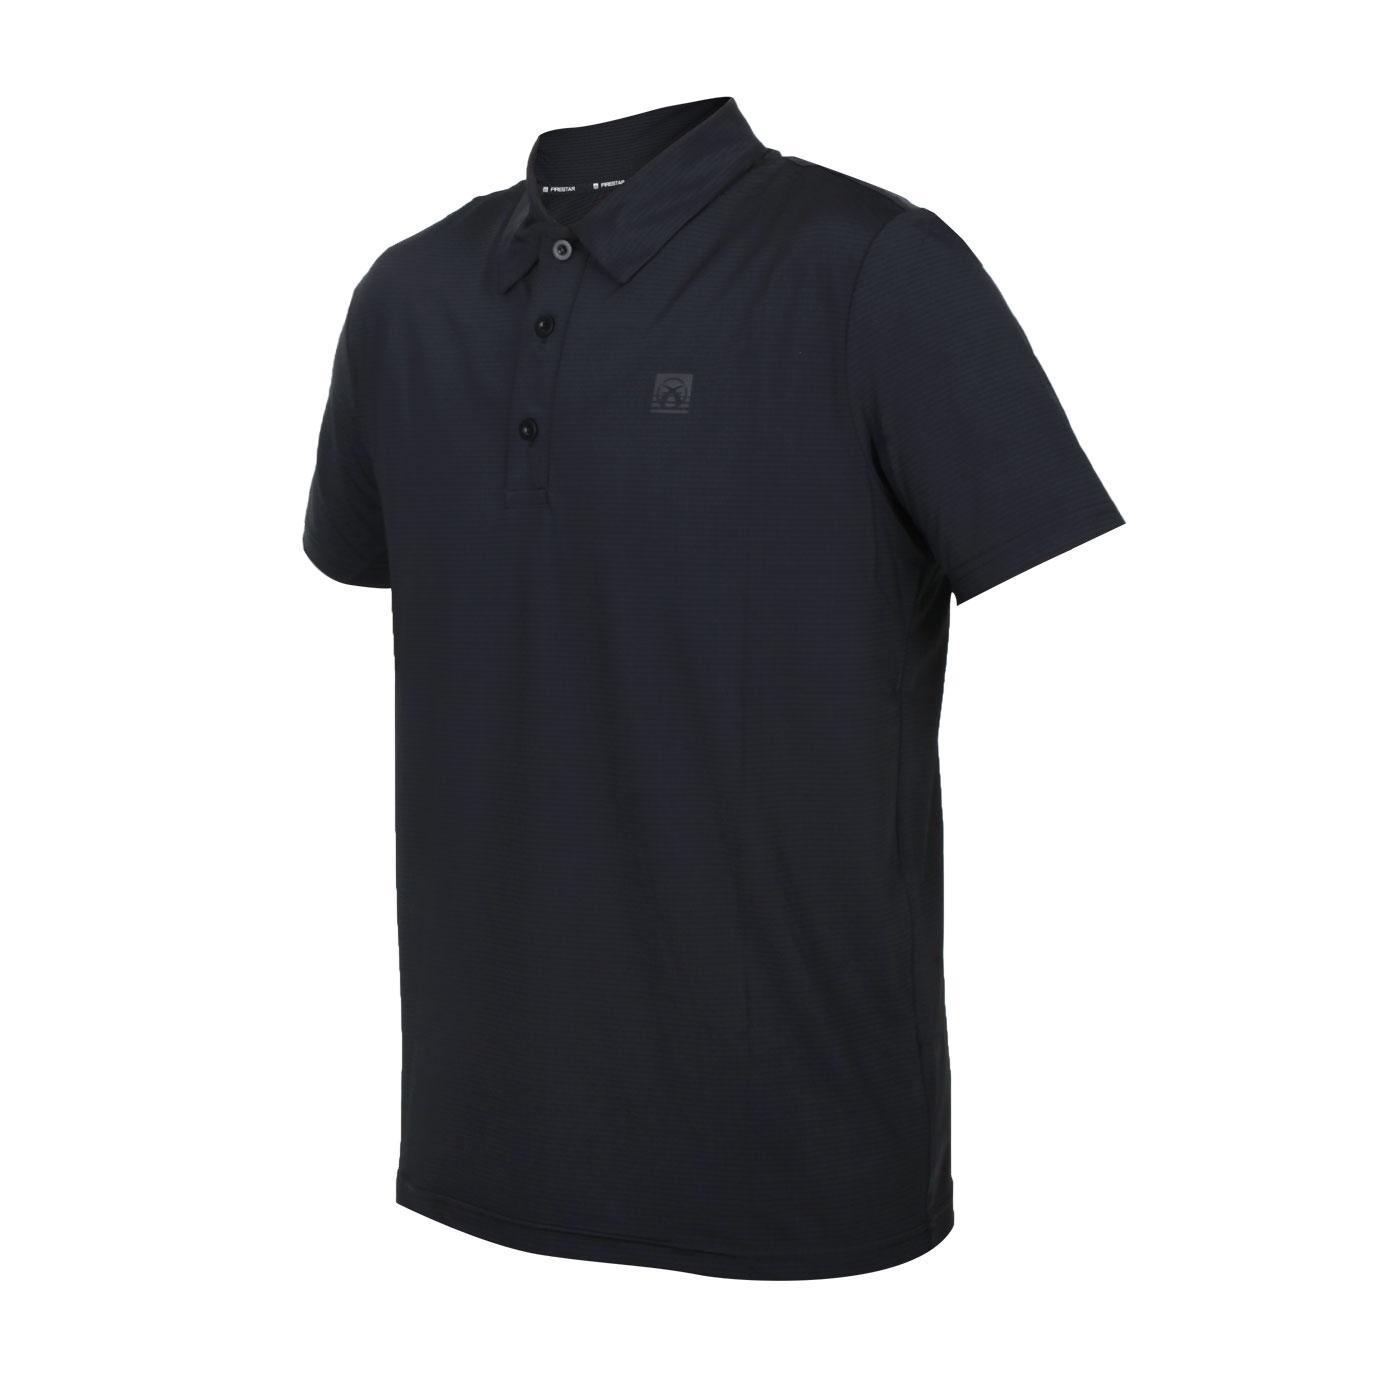 FIRESTAR 男款彈性機能短袖POLO衫 D1751-10 - 黑